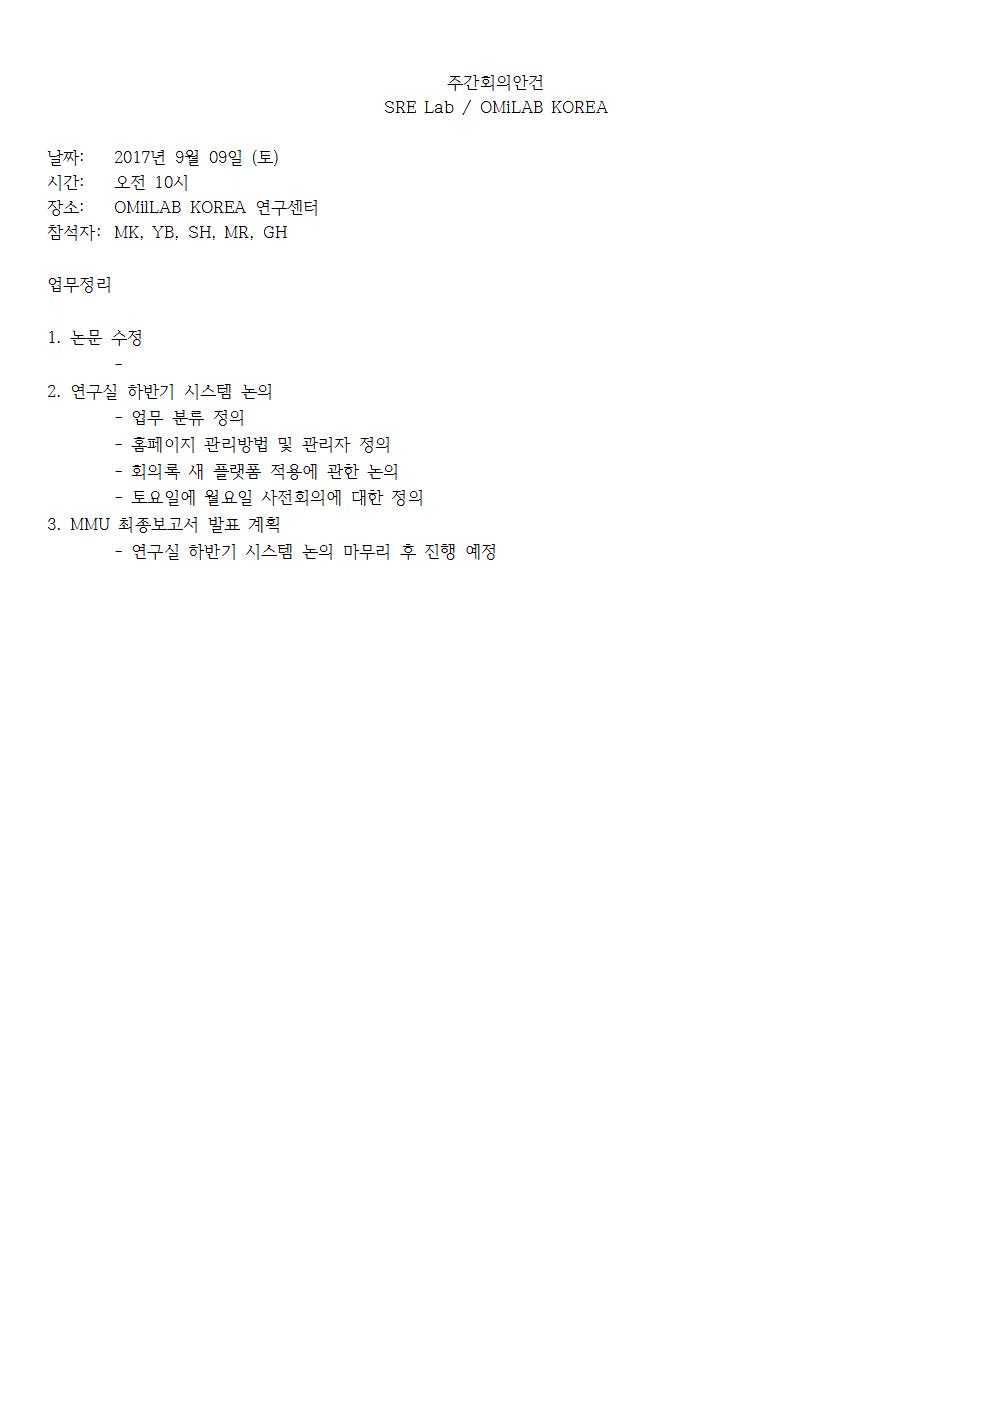 6-토-2017-09-09-PLAN(SH)001.jpg